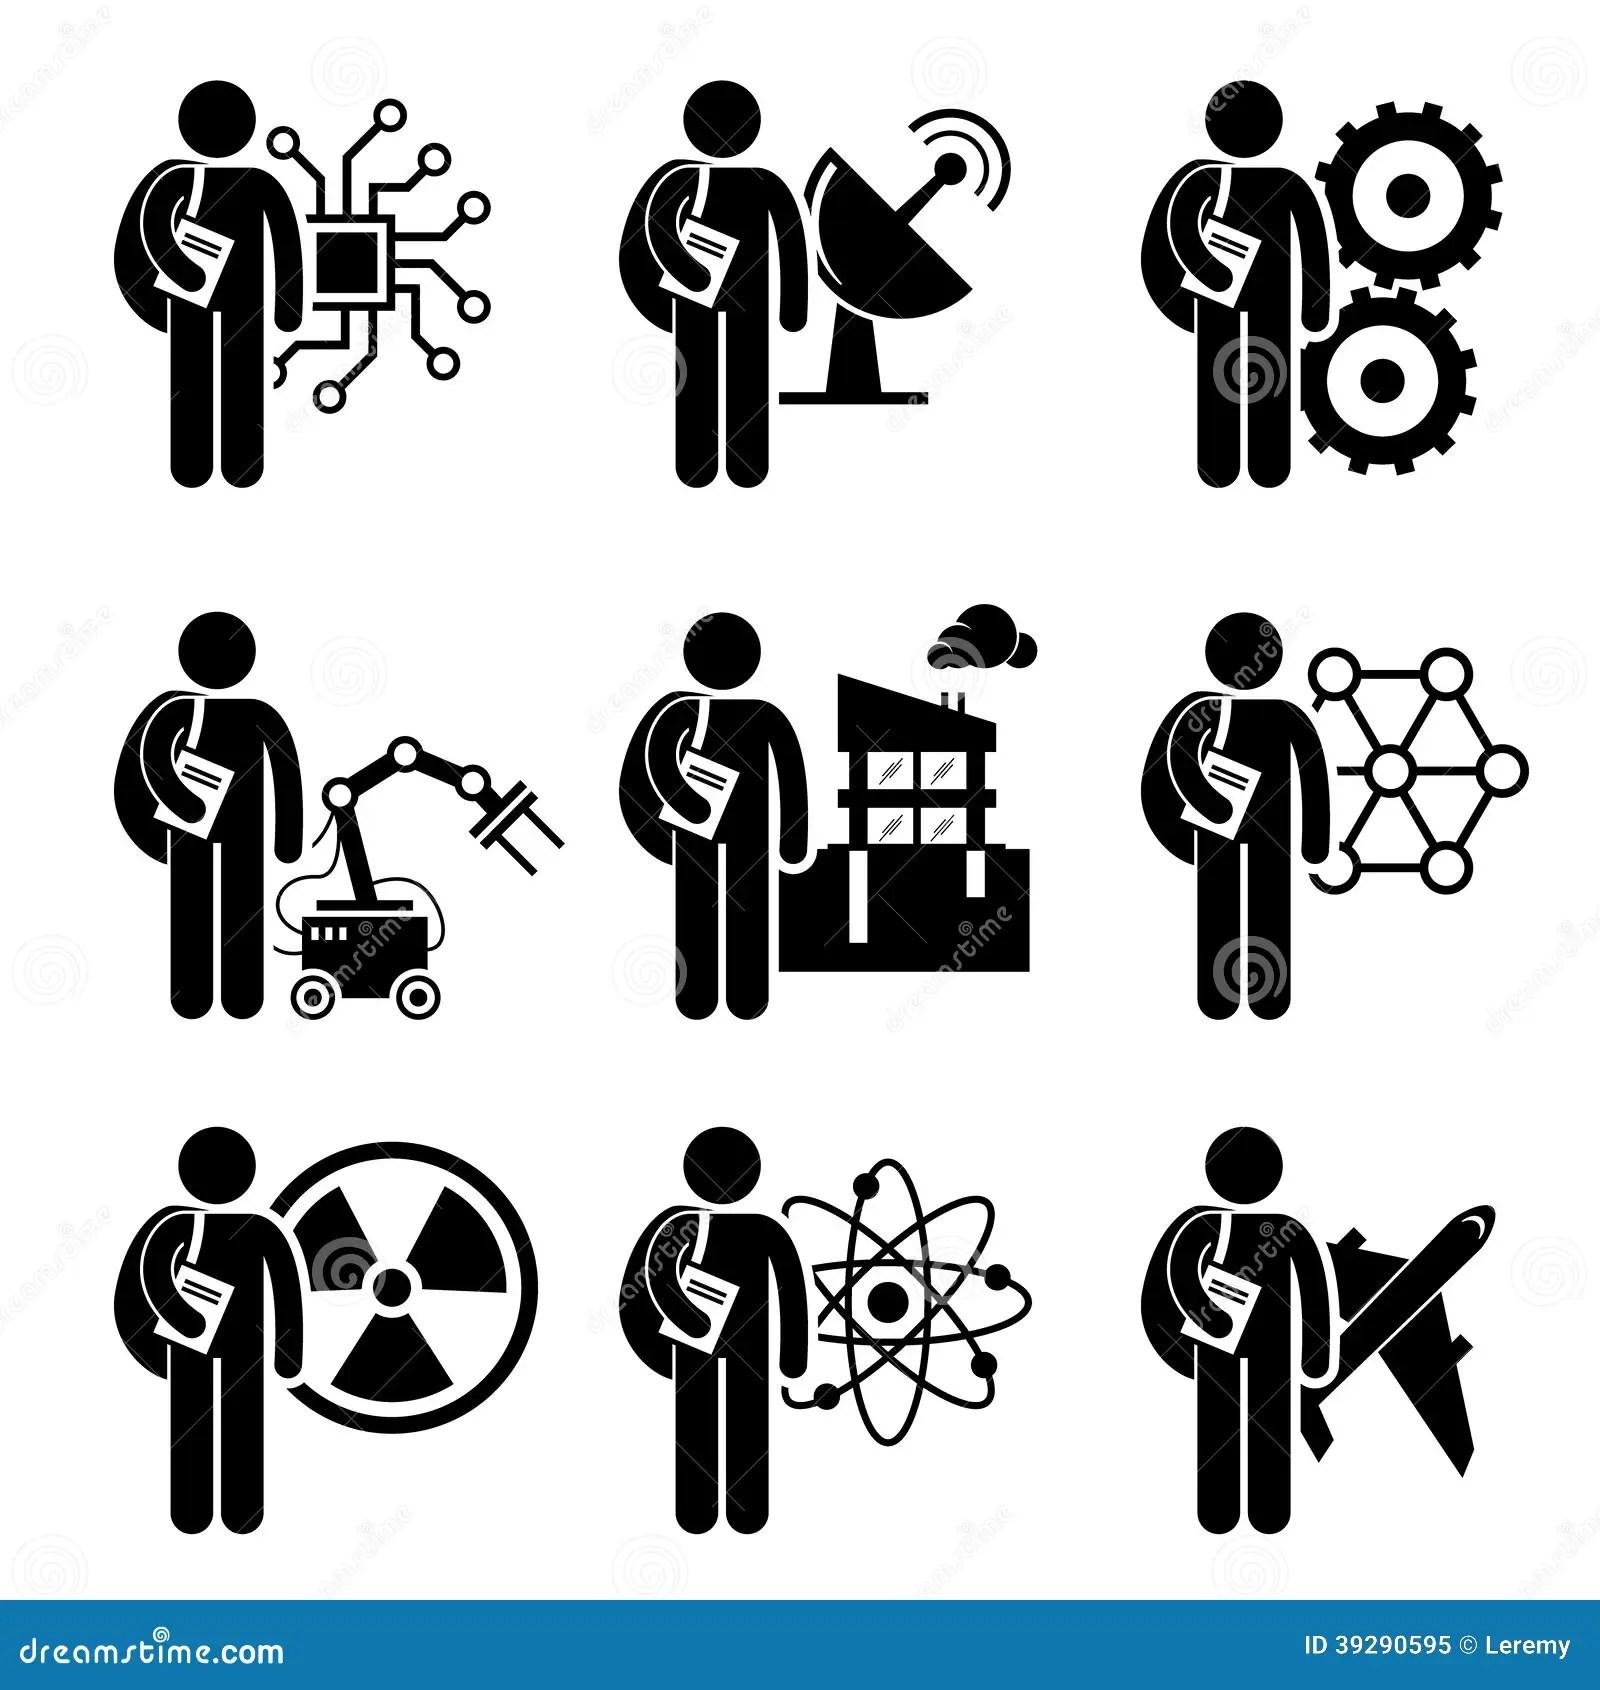 Etudiant Degree Dans L Ingenierie Illustration De Vecteur